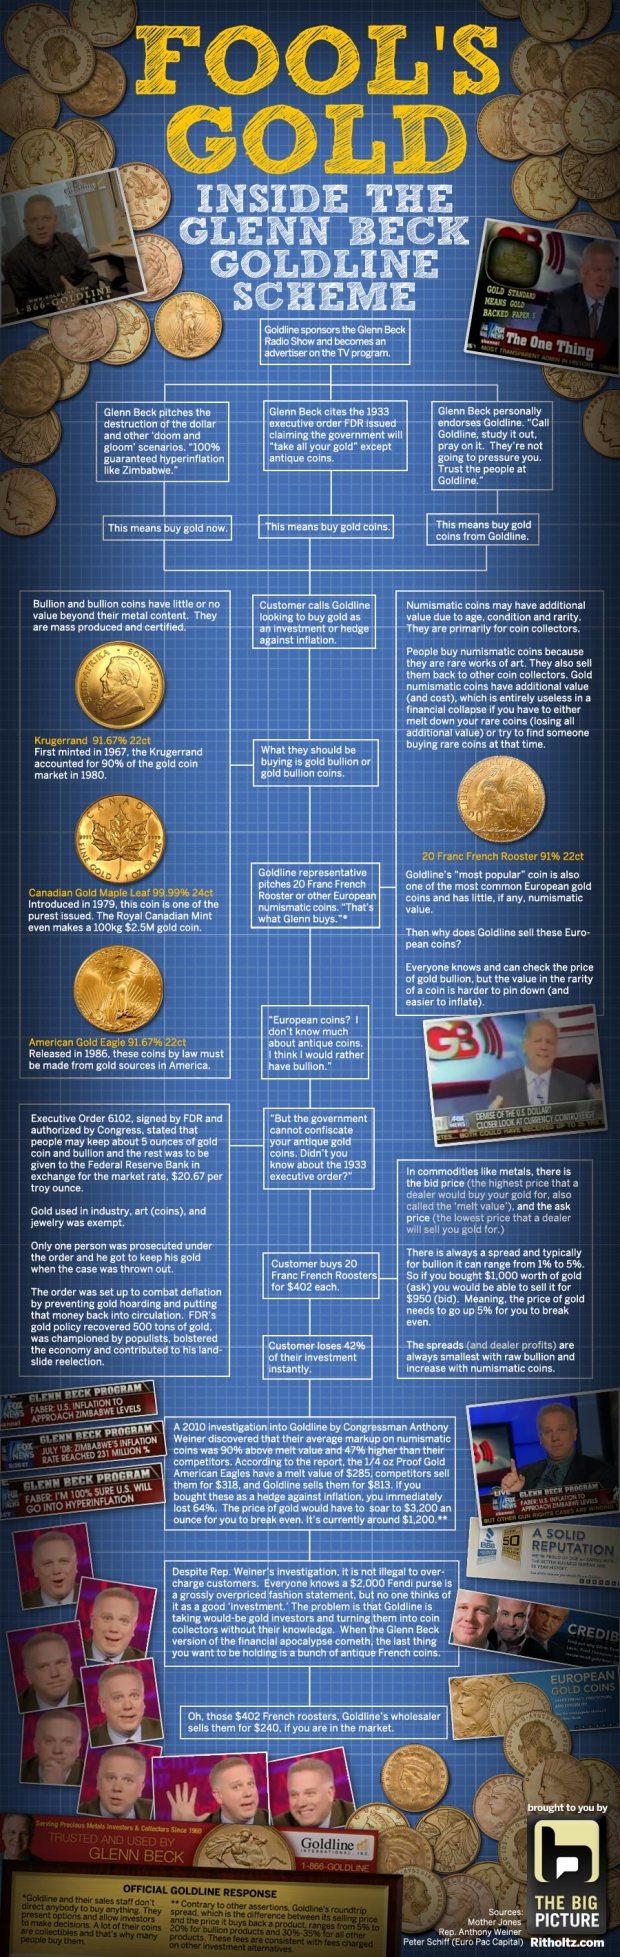 Infographic on Glenn Beck and Goldline